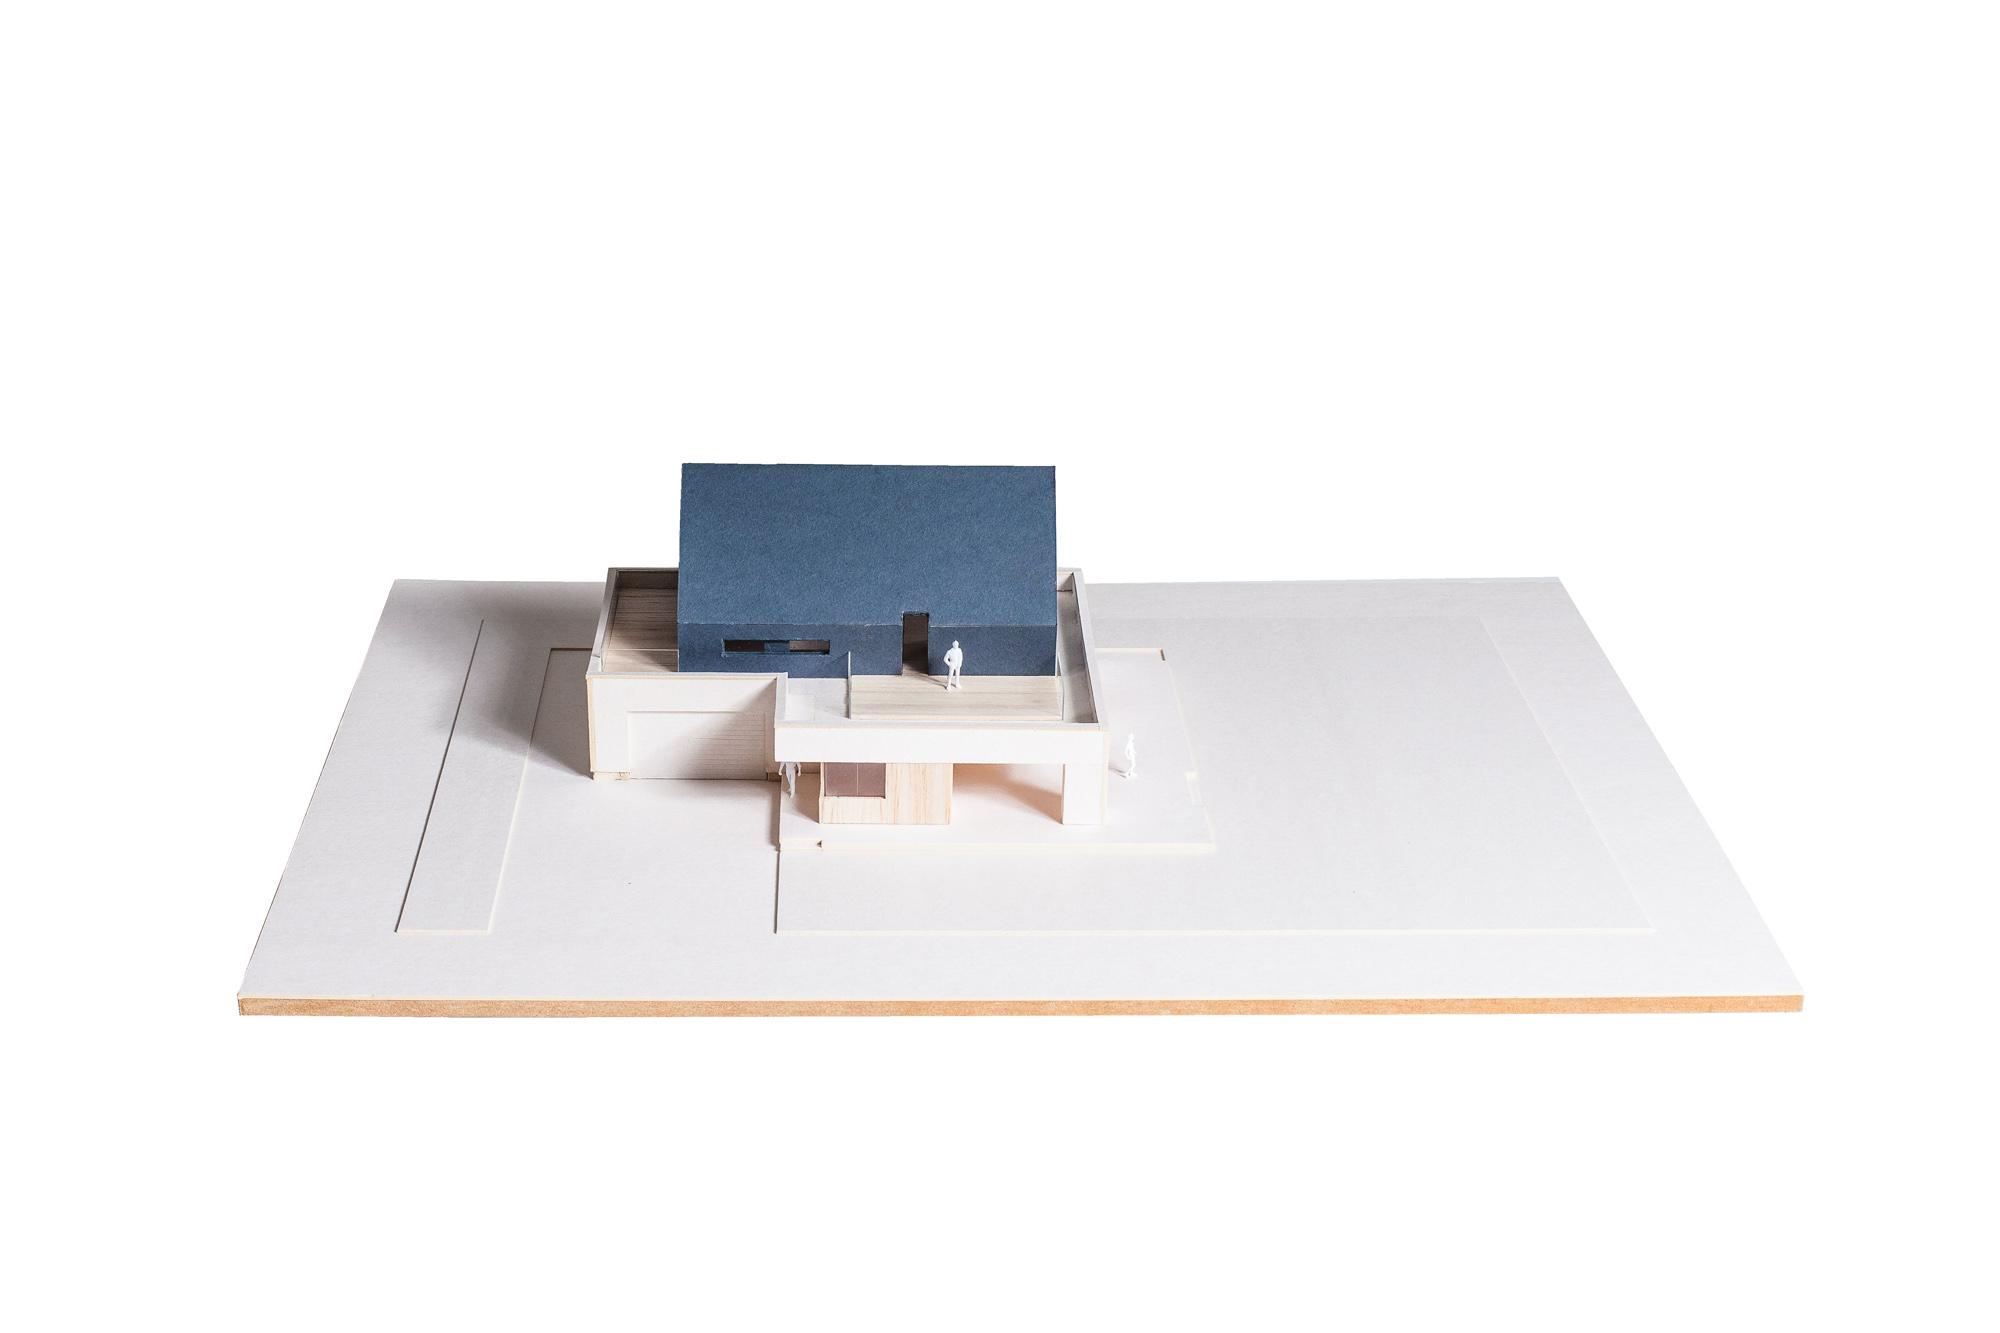 MLC-ZLO-dom-model-02w copy